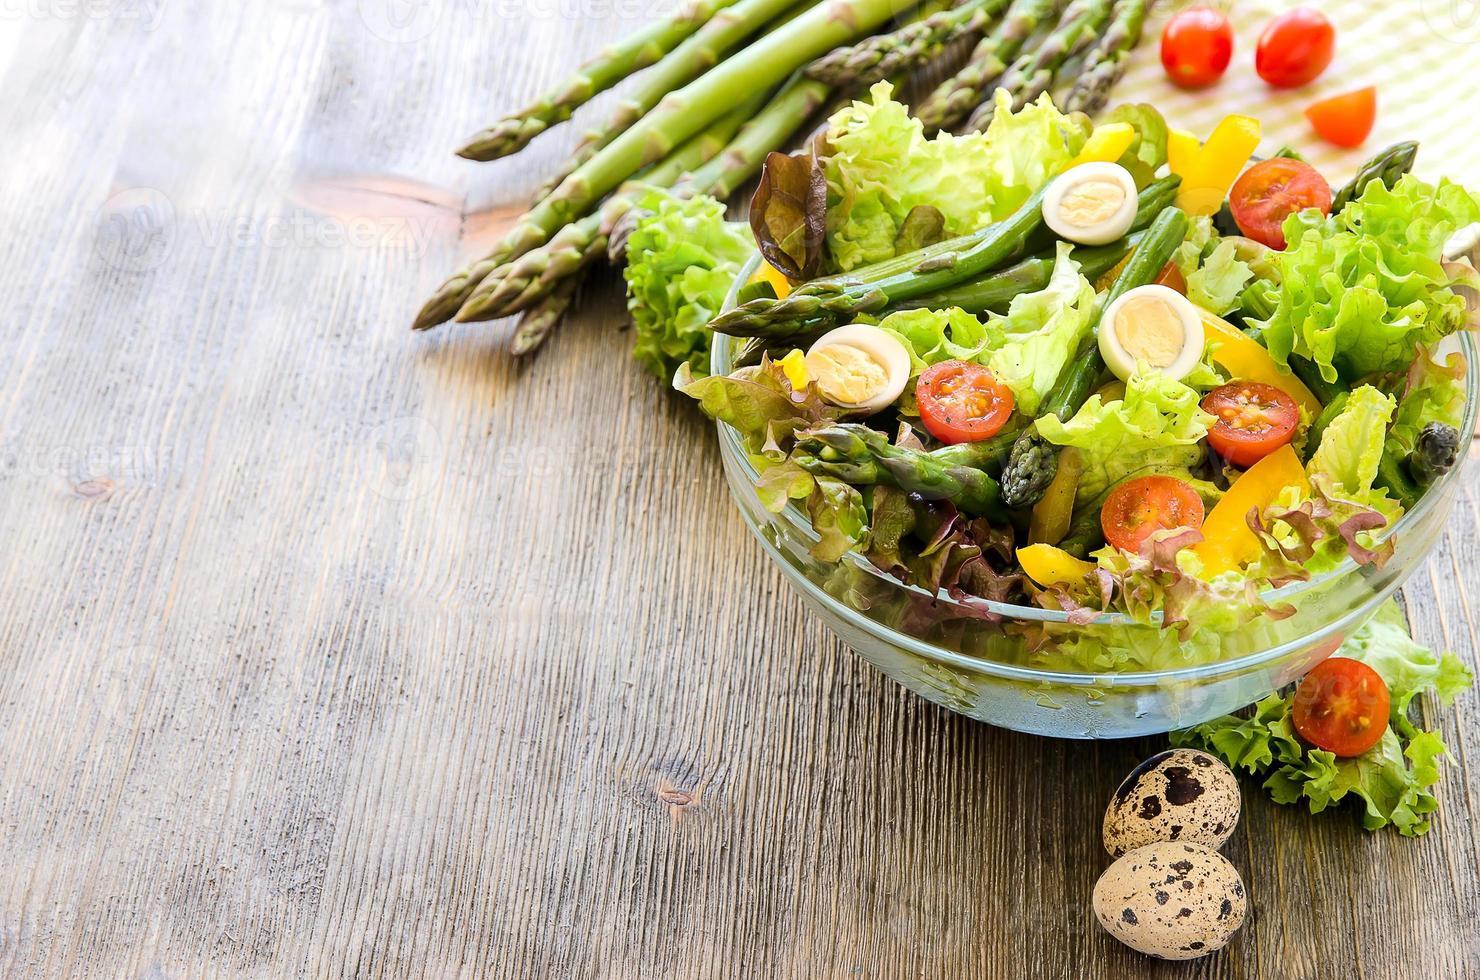 salade fraîche aux asperges vertes et œufs photo